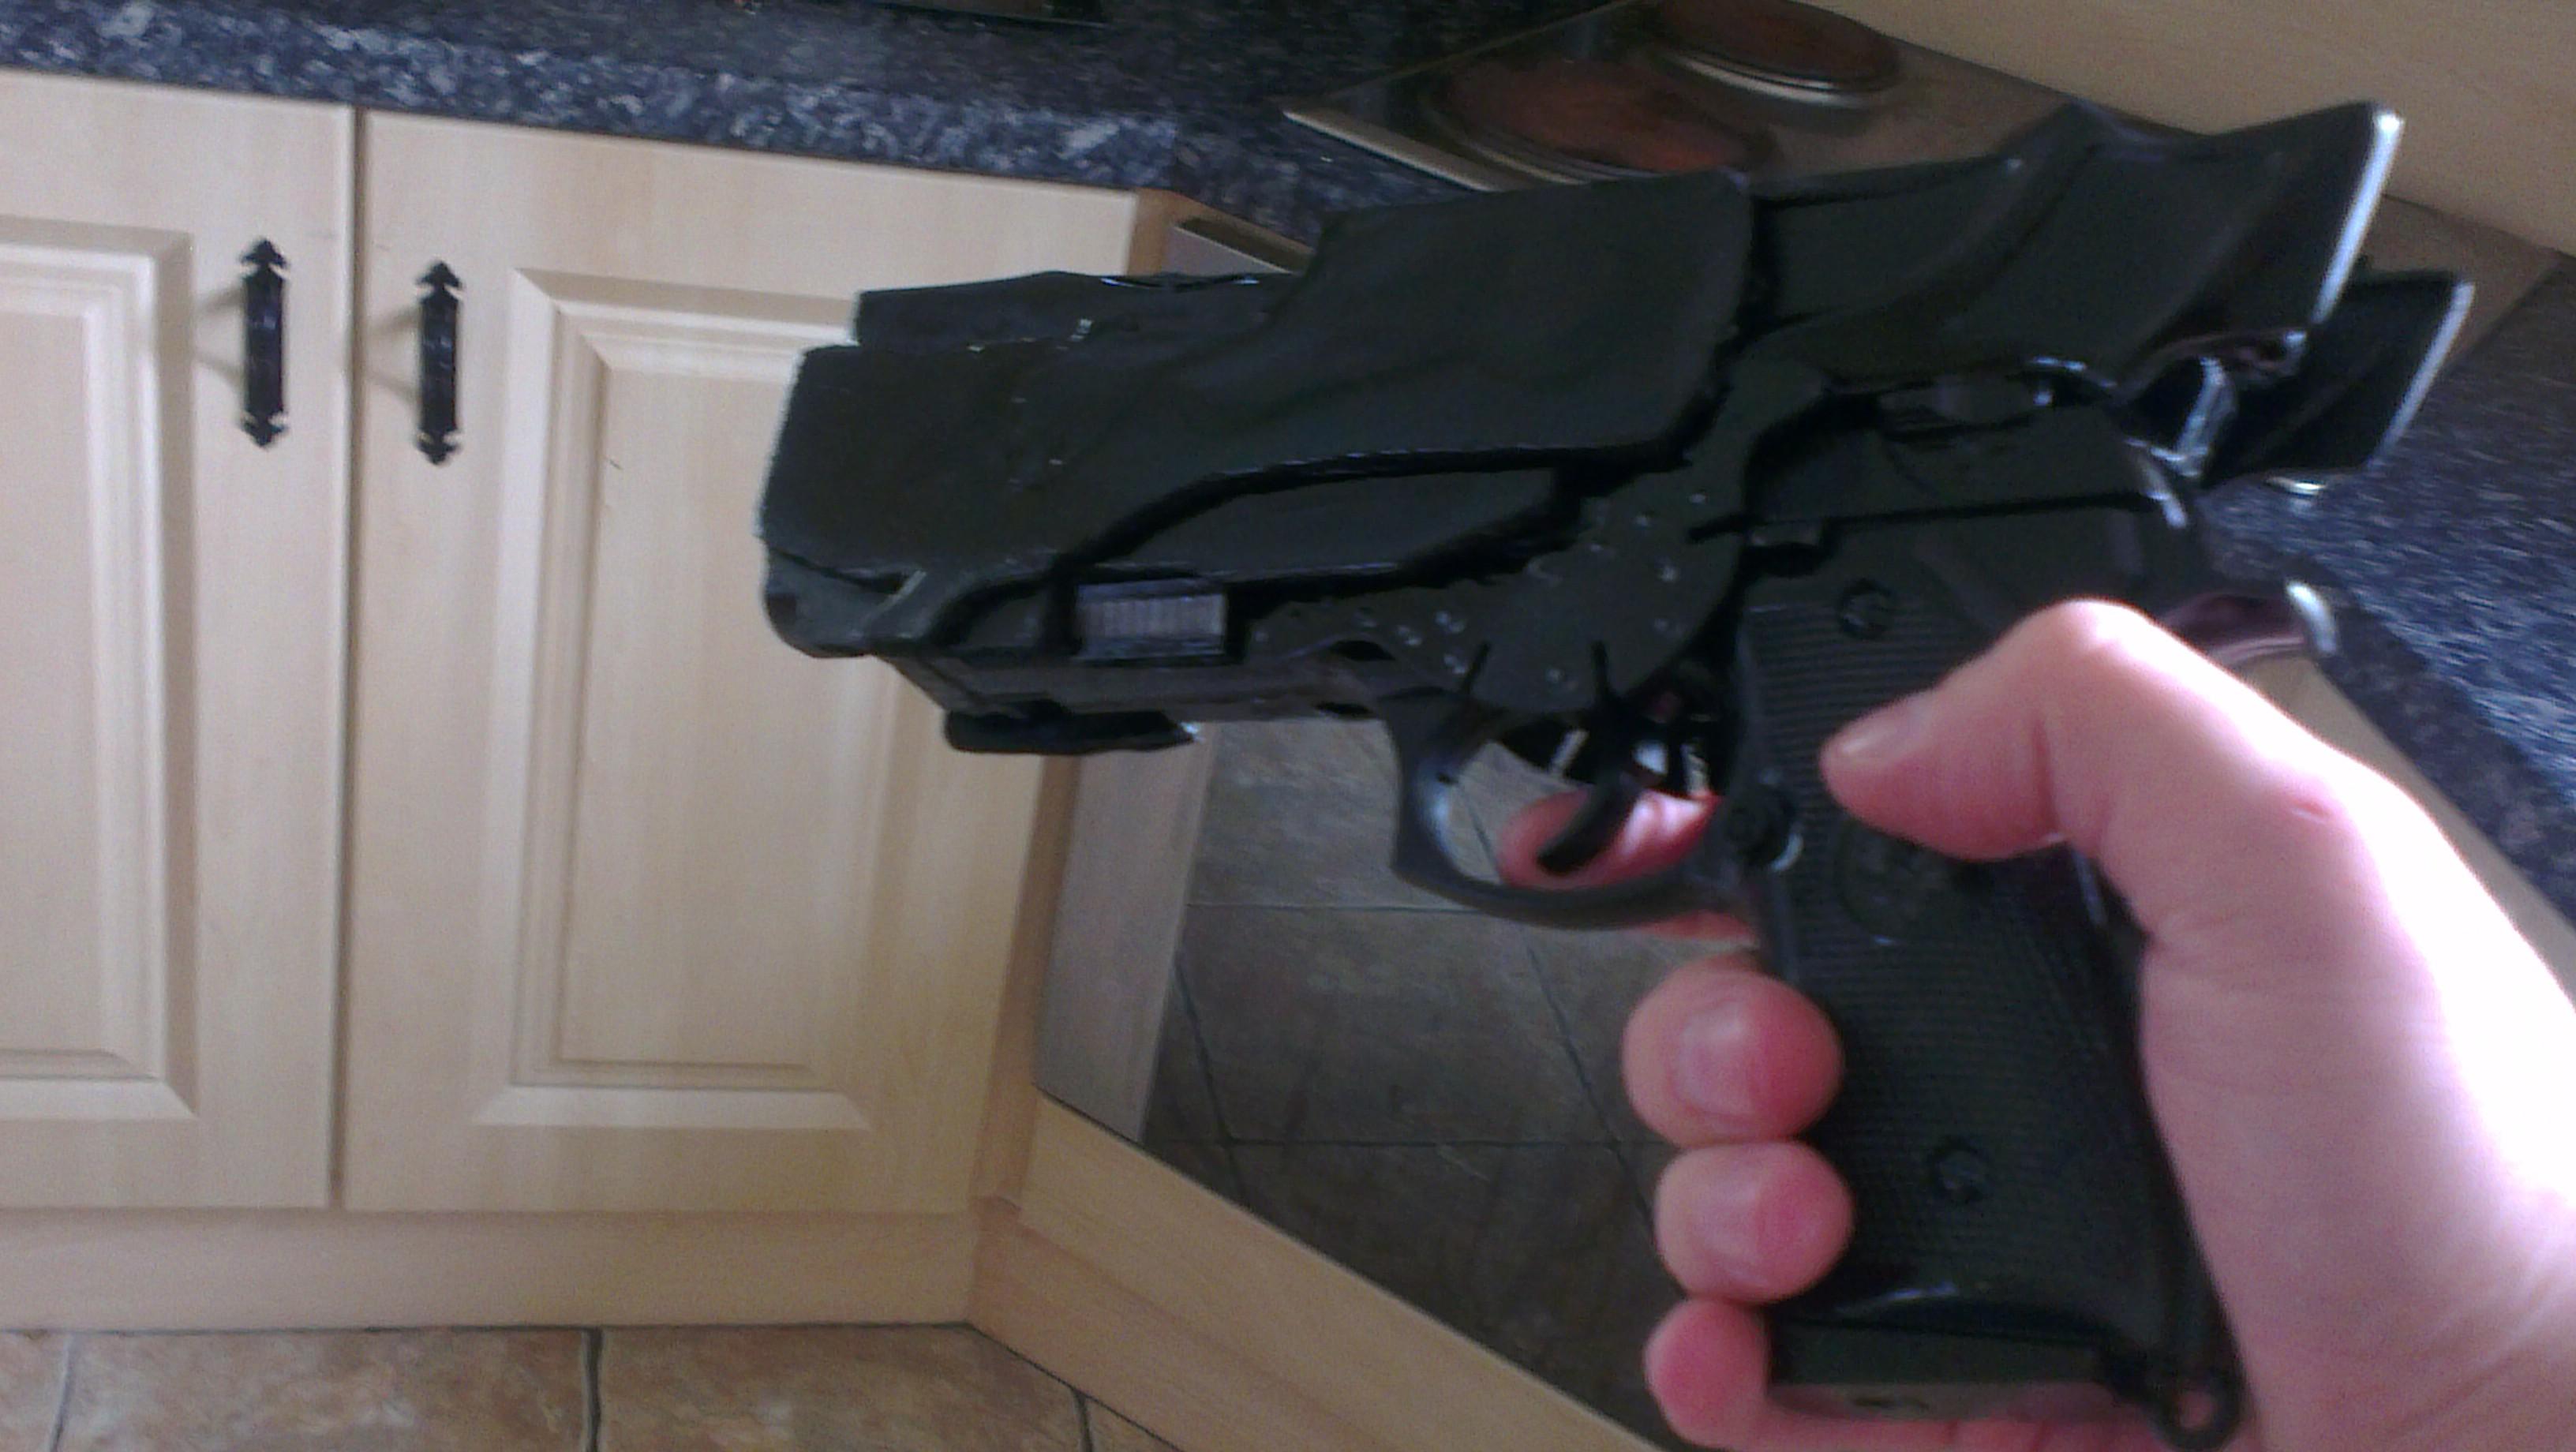 Picture of RoboCop Gun